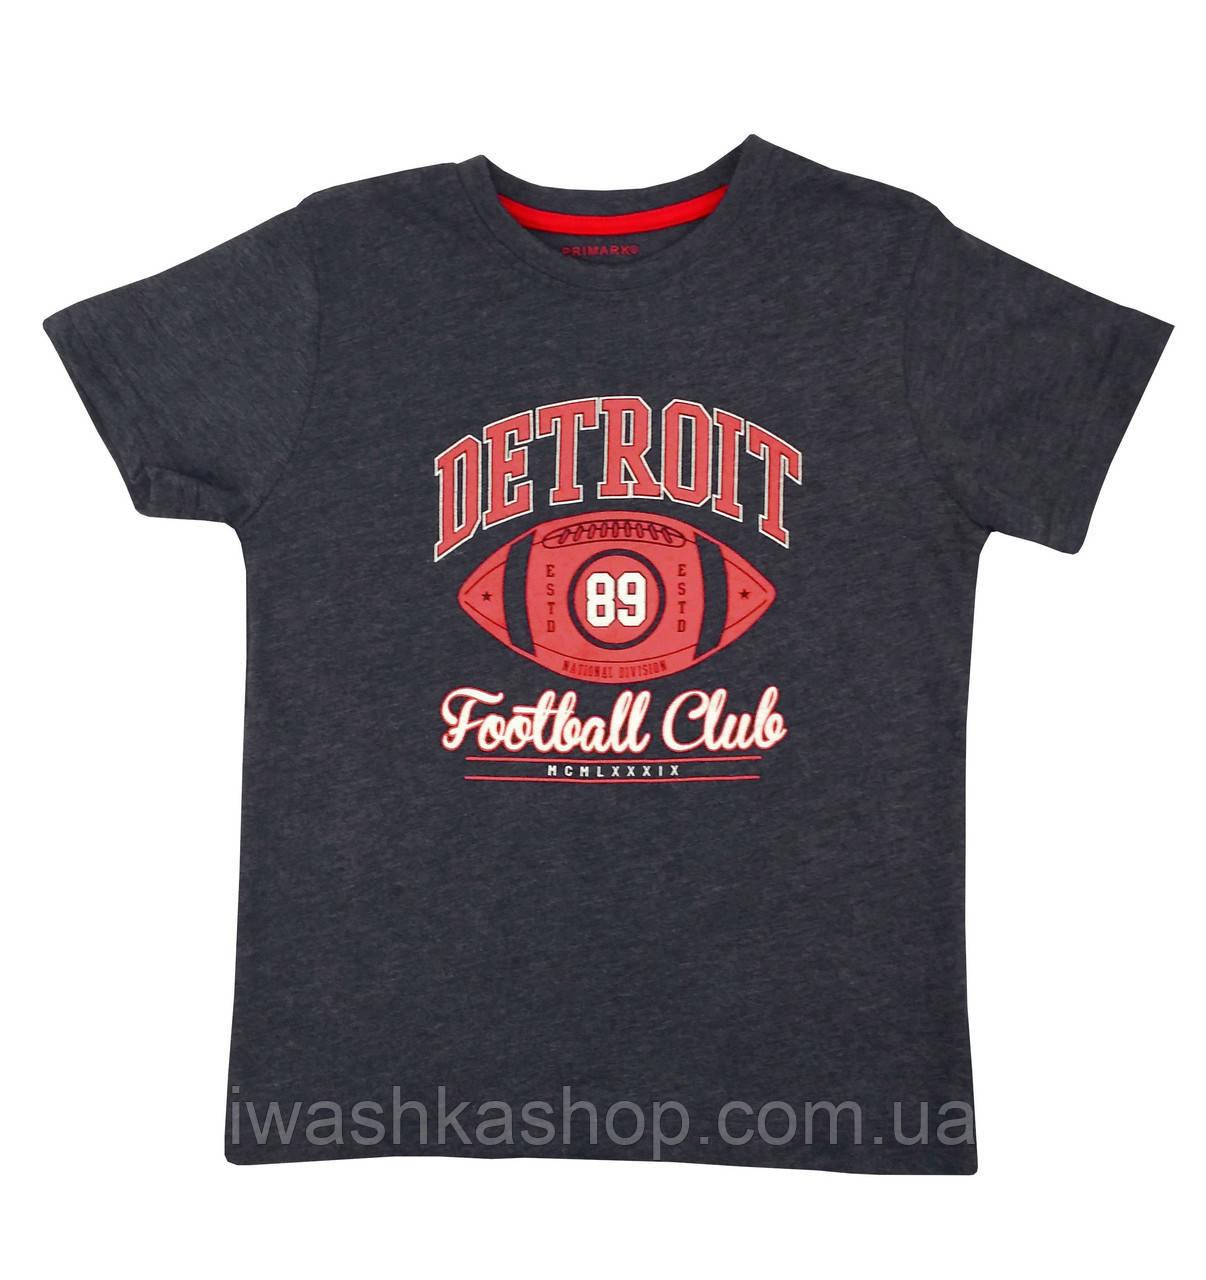 Футболка с футбольным принтом для мальчика 5 - 6 лет, Primark р. 116